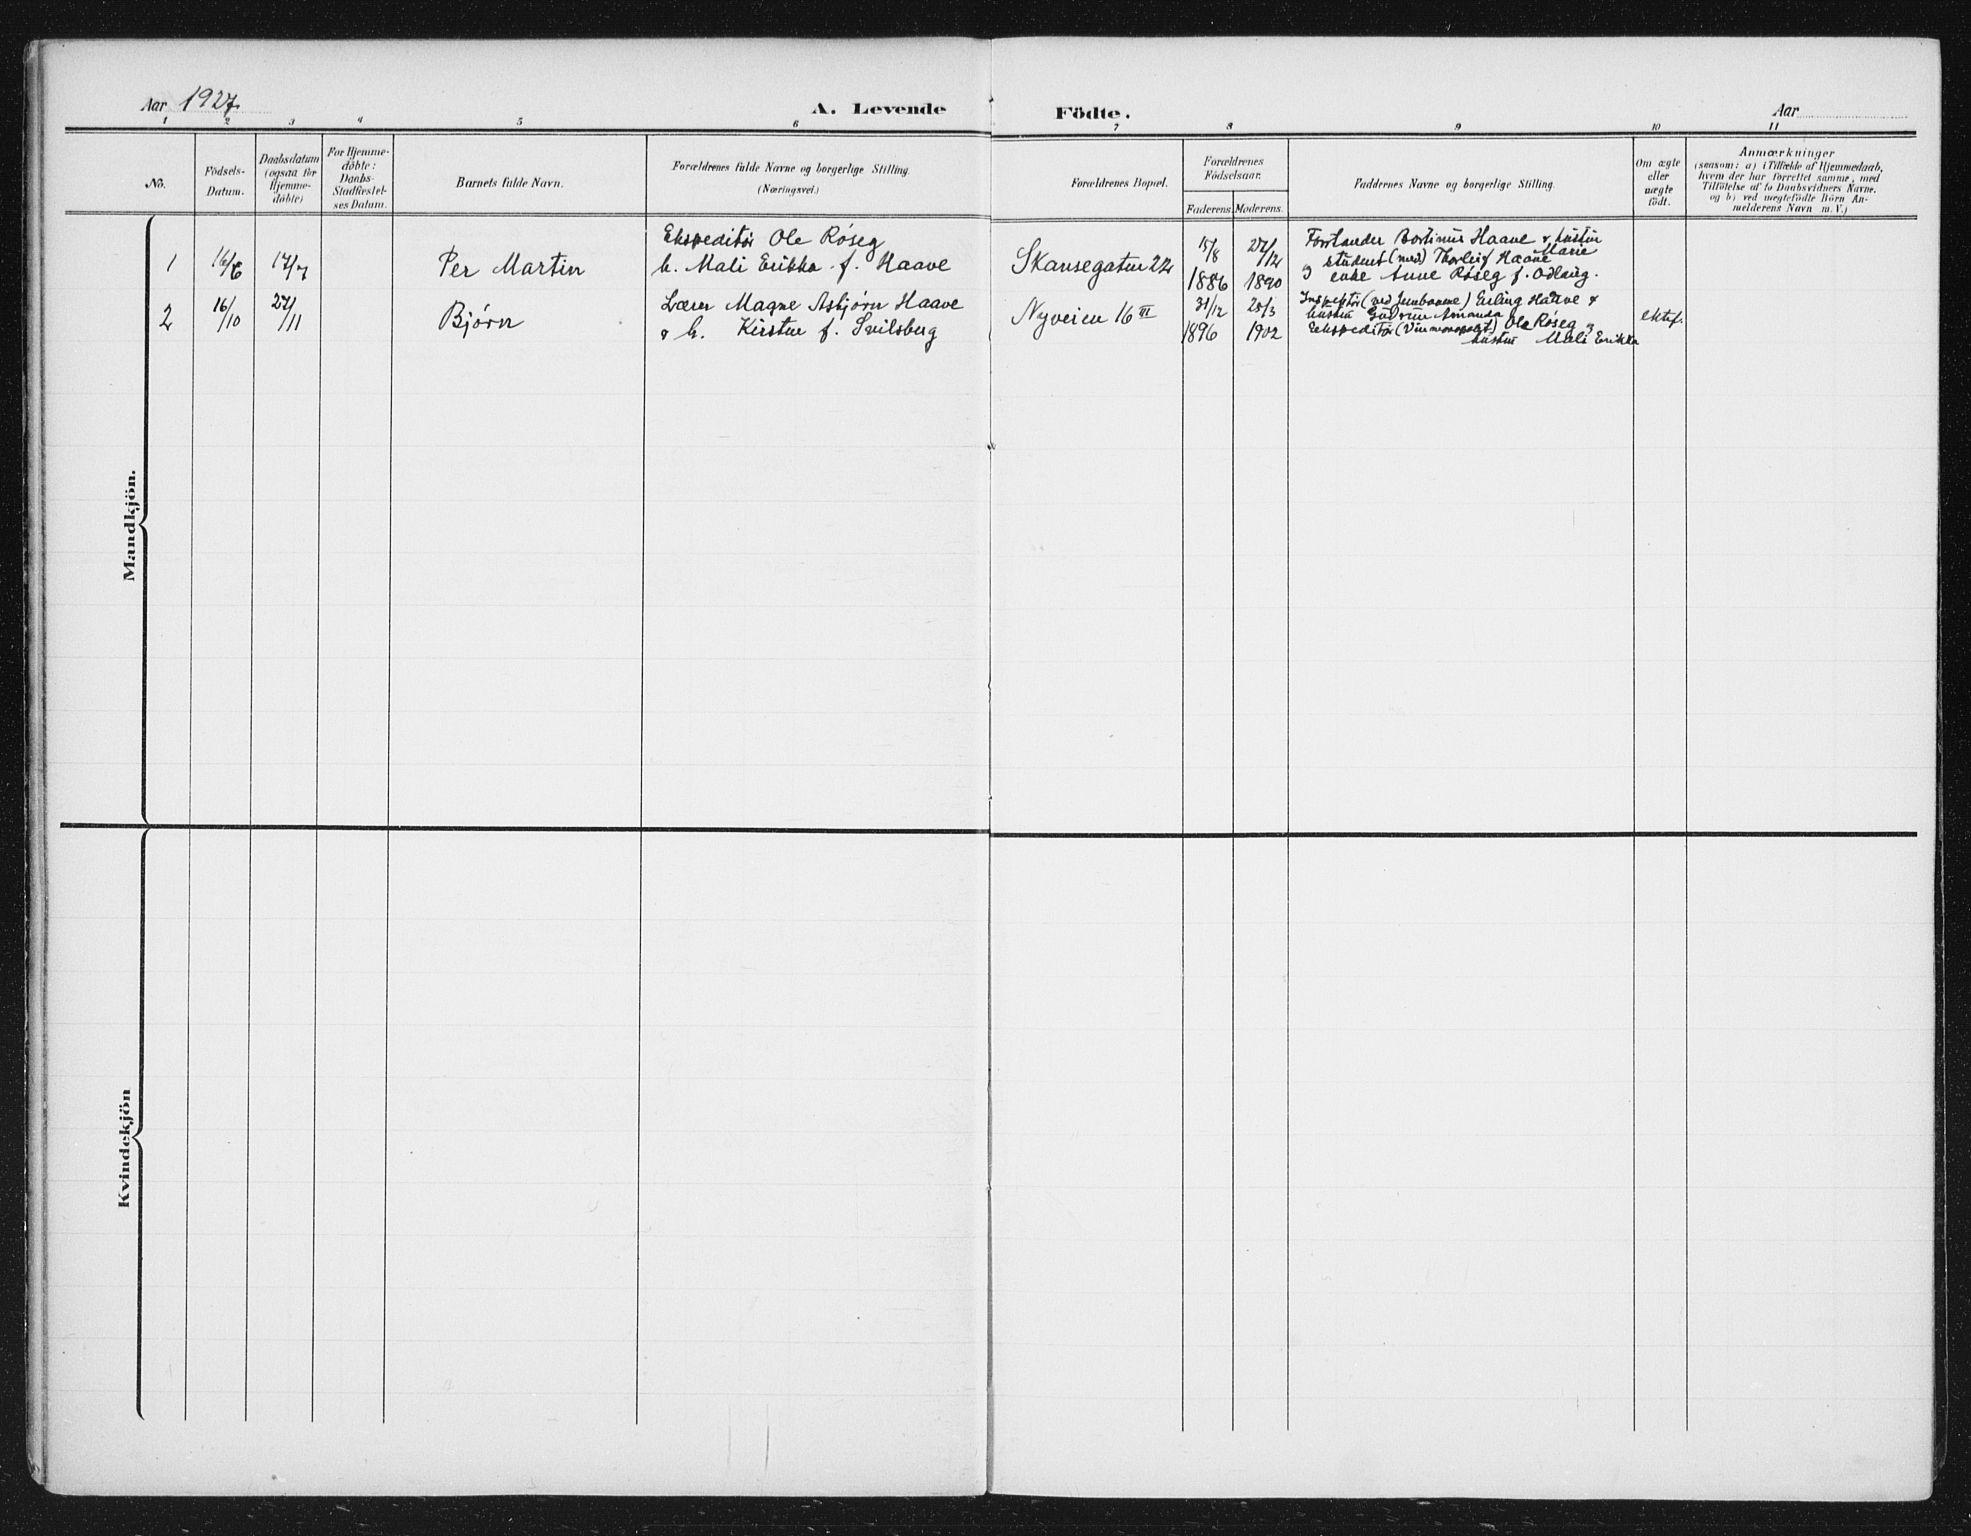 SAT, Ministerialprotokoller, klokkerbøker og fødselsregistre - Sør-Trøndelag, 623/L0479: Klokkerbok nr. 623C02, 1907-1933